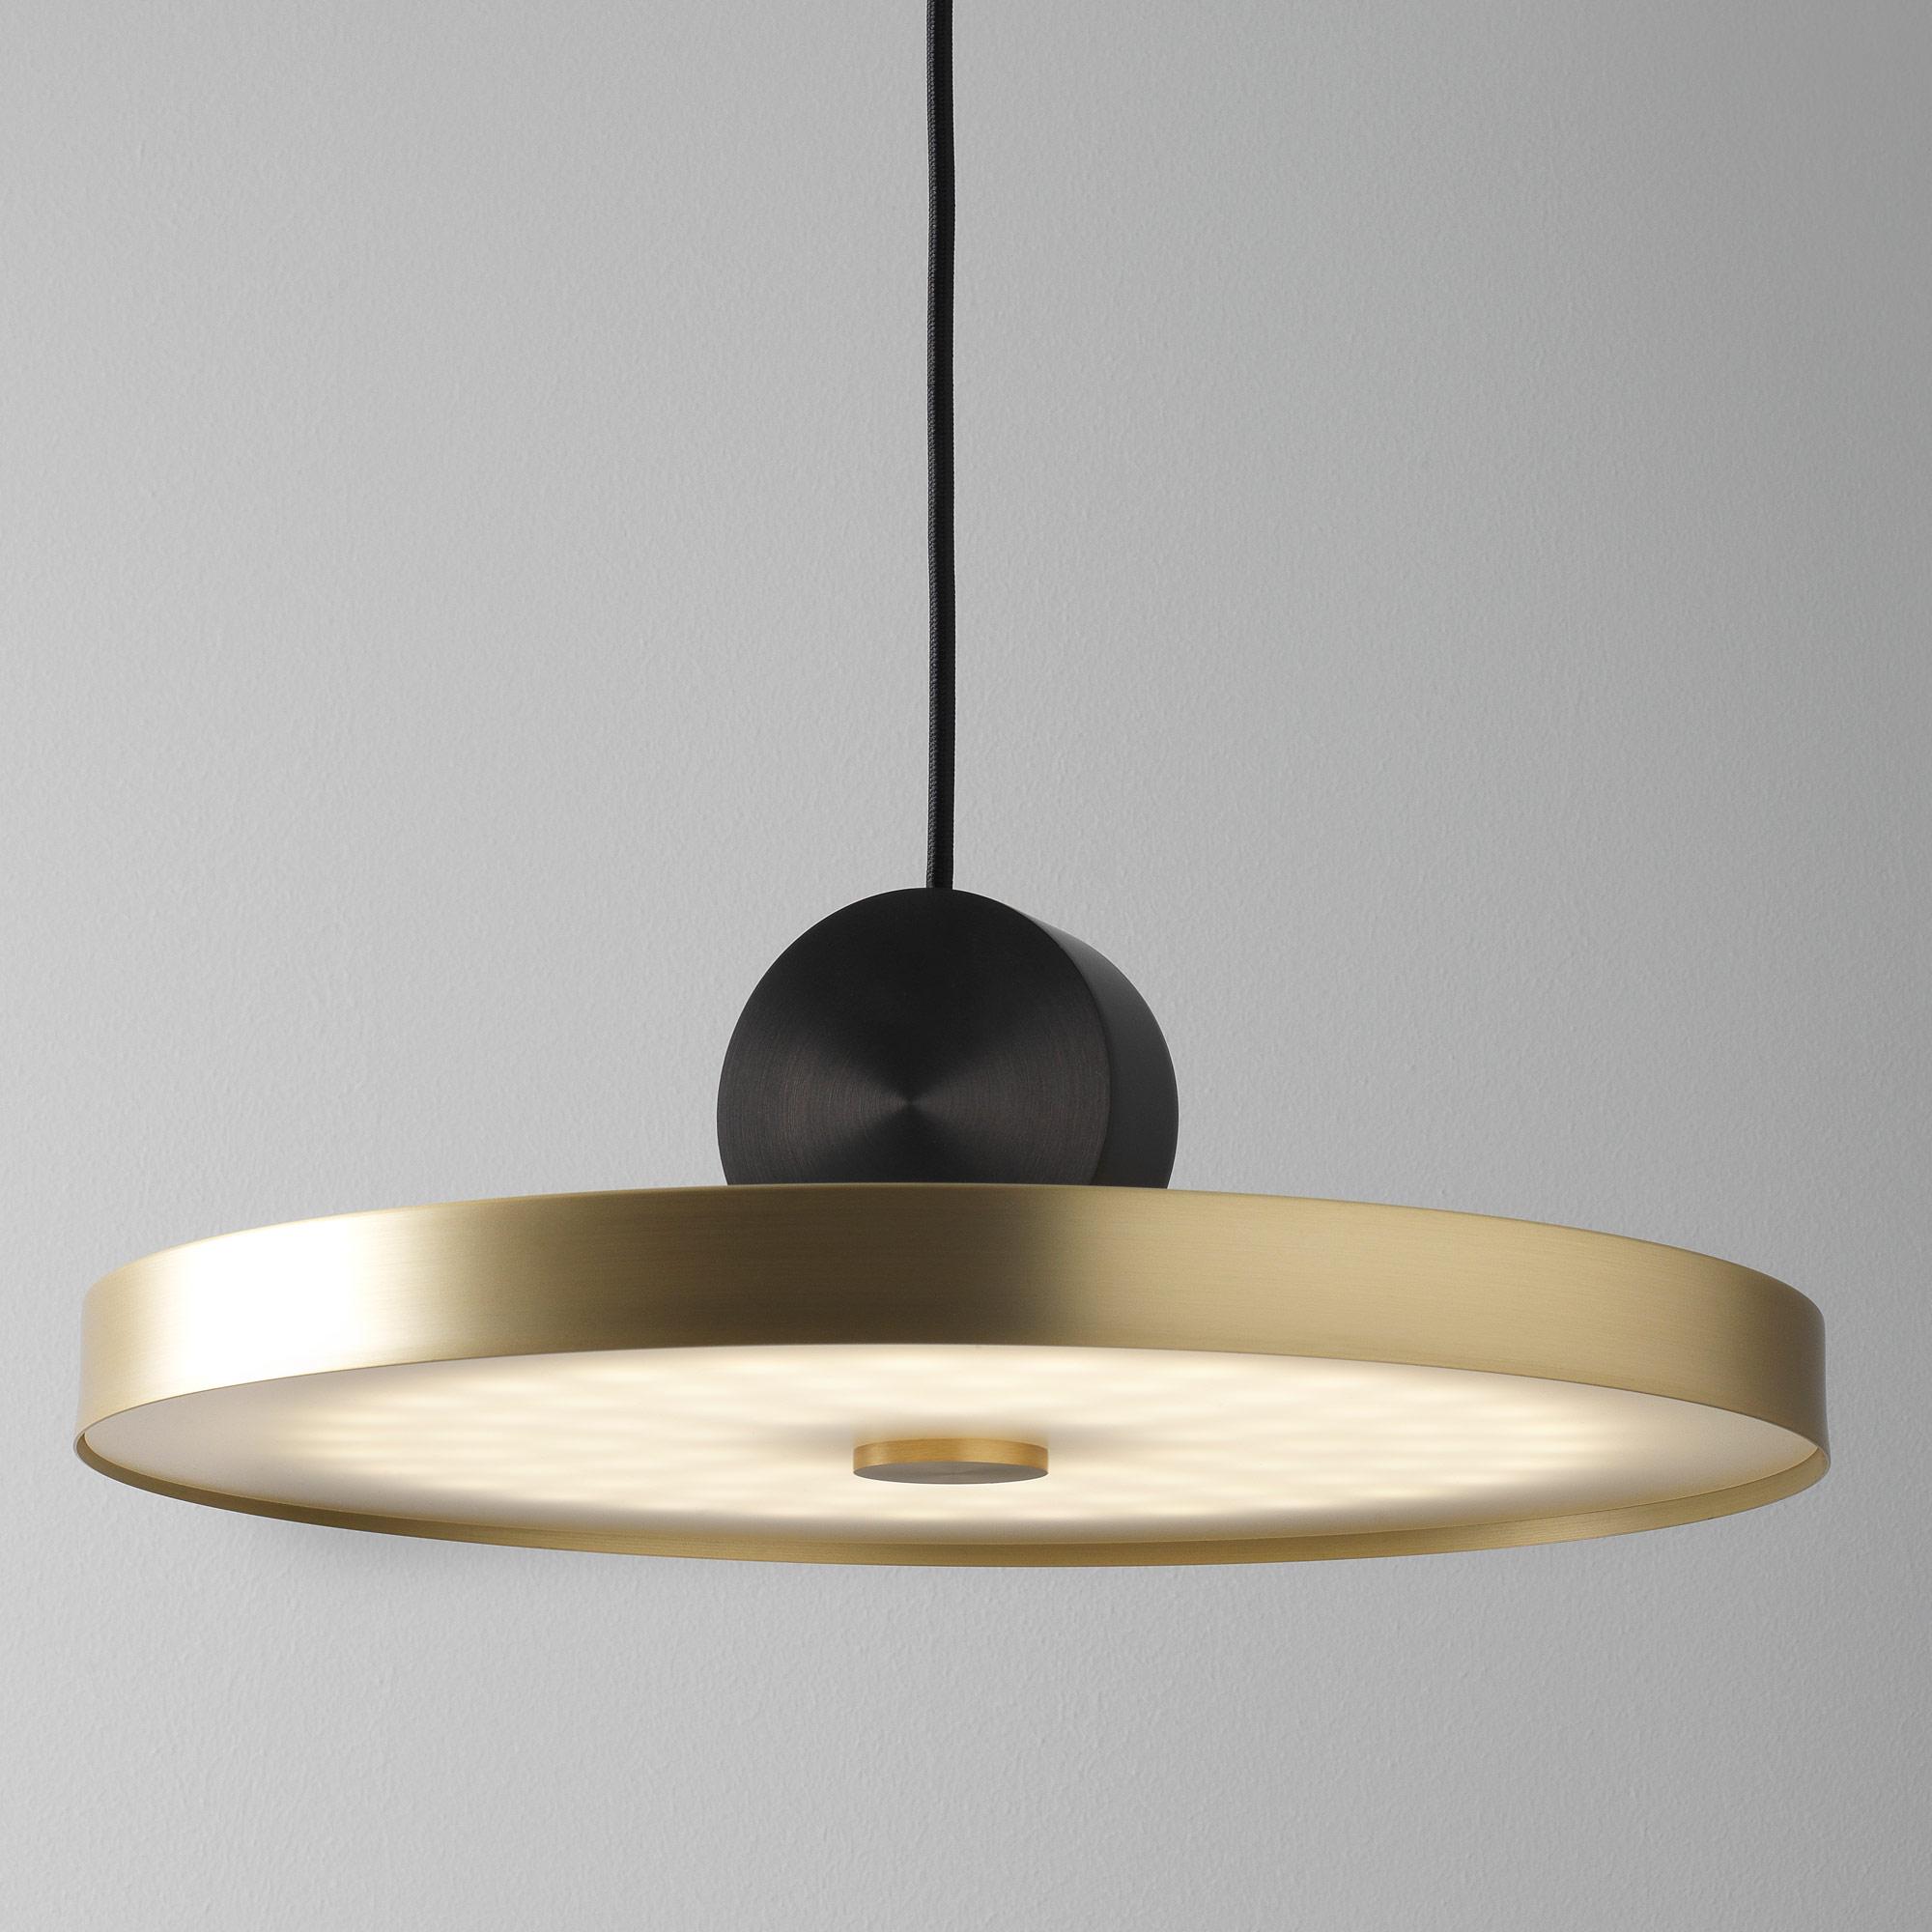 Подвесной светодиодный светильник LUSTRAM Calée 40 CALE PENDANT V4 40, LED, матовое золото, черный, металл - фото 1